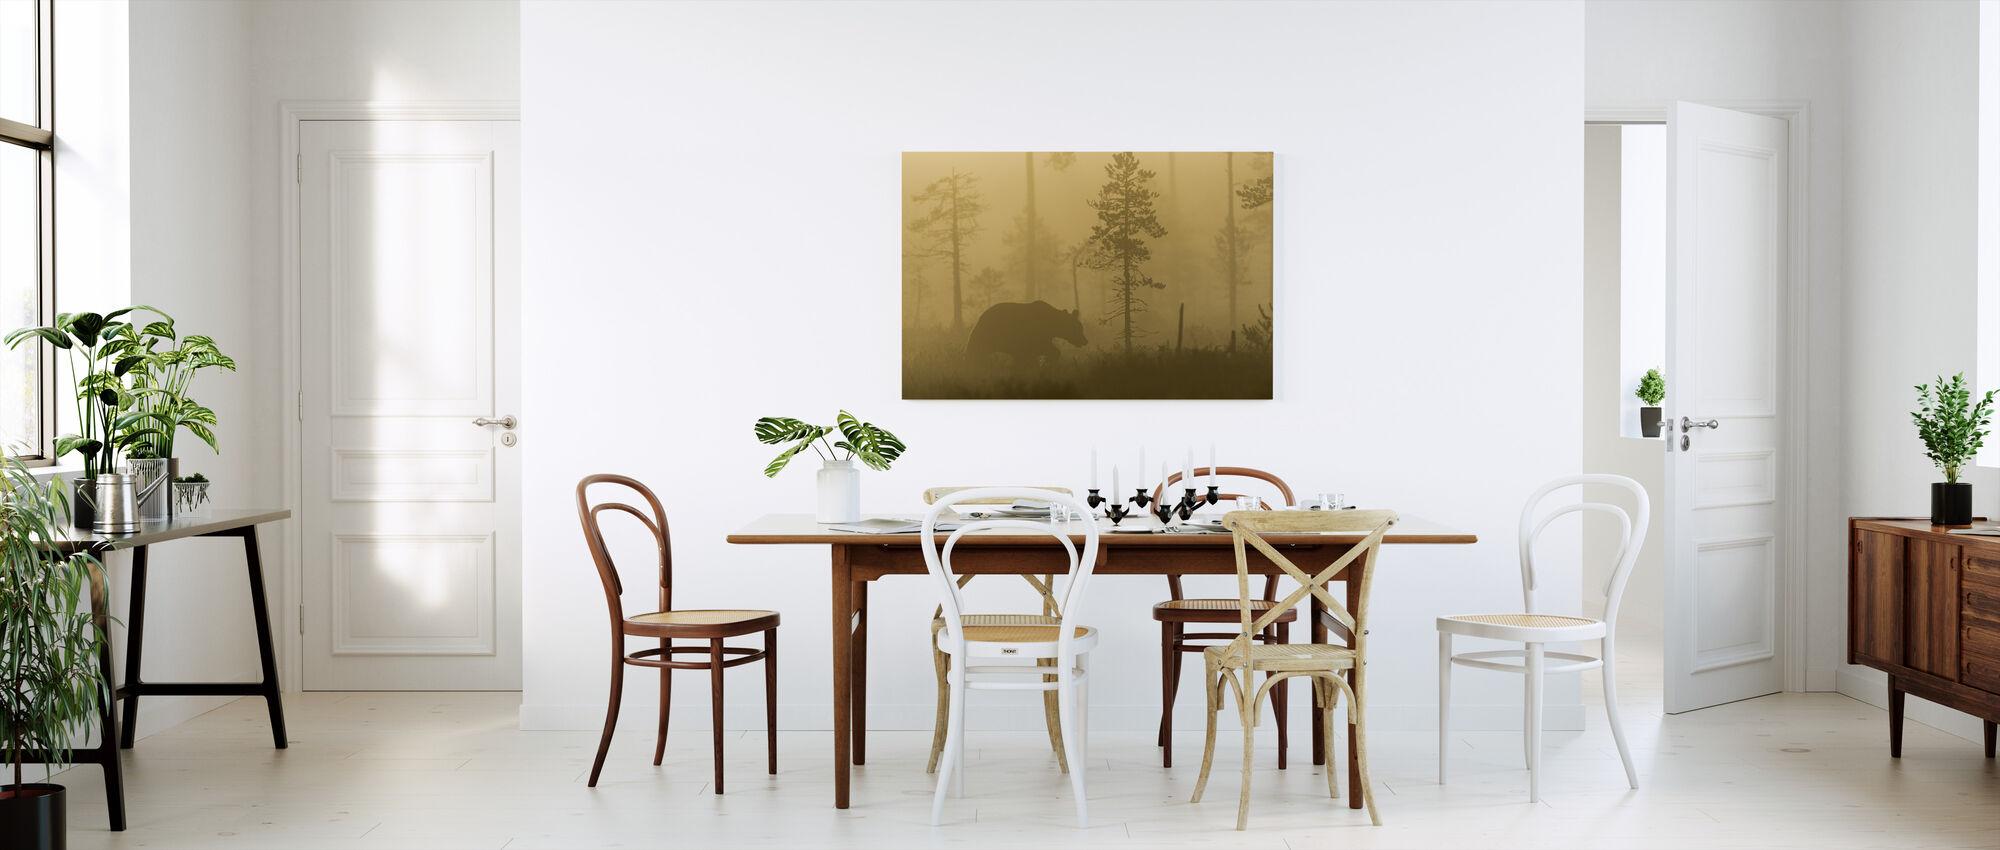 Bjørn i morgen tåke - Lerretsbilde - Kjøkken